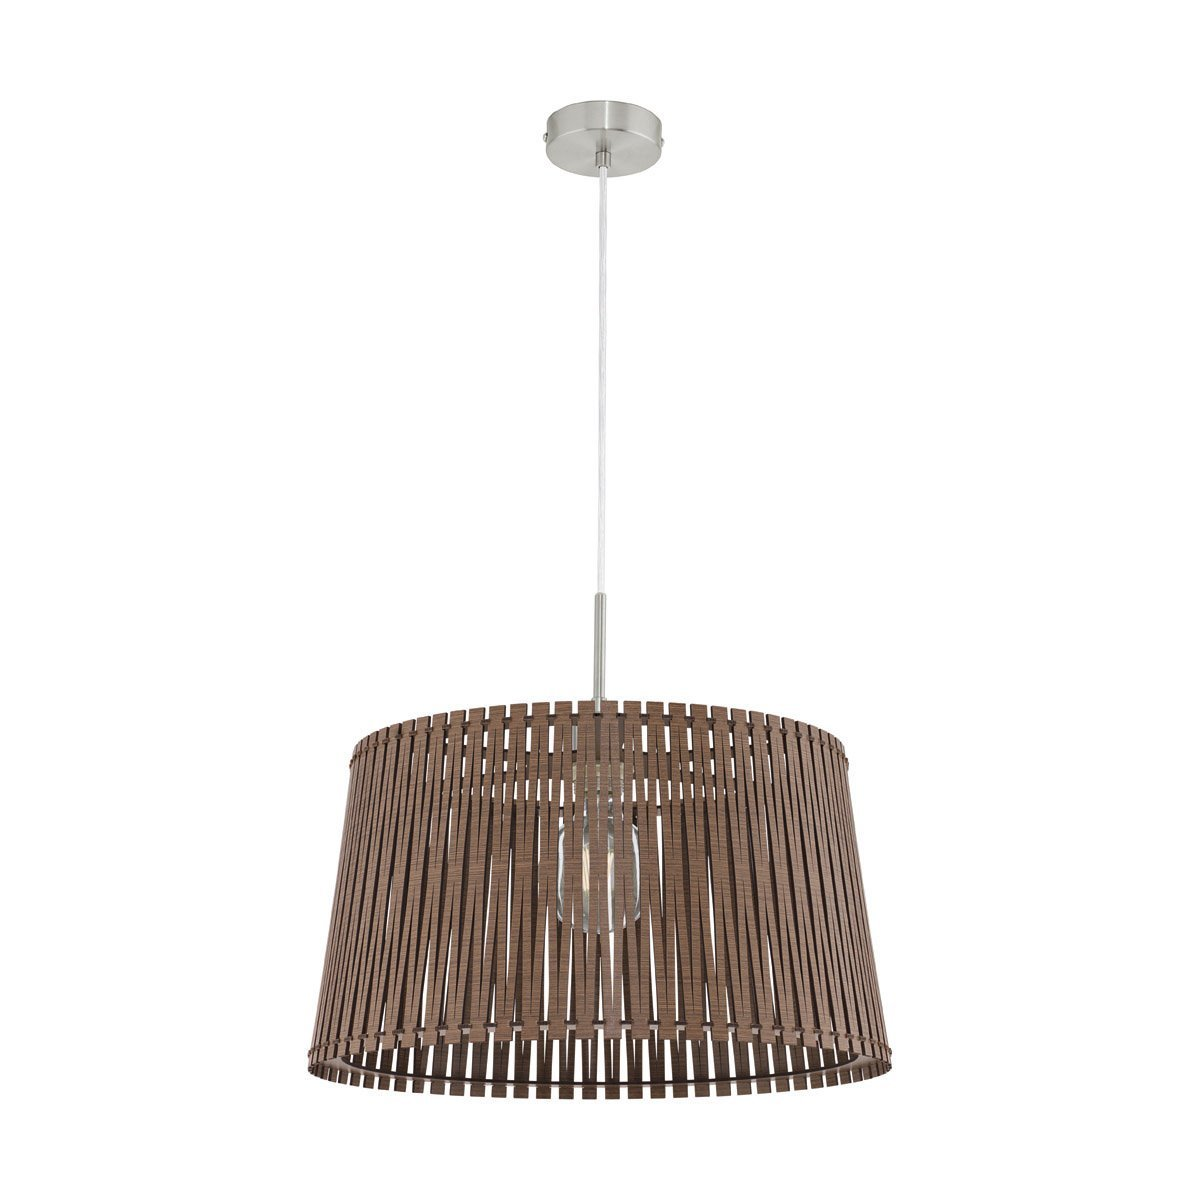 Eglo Hanglamp Sendero hout Eglo 96199